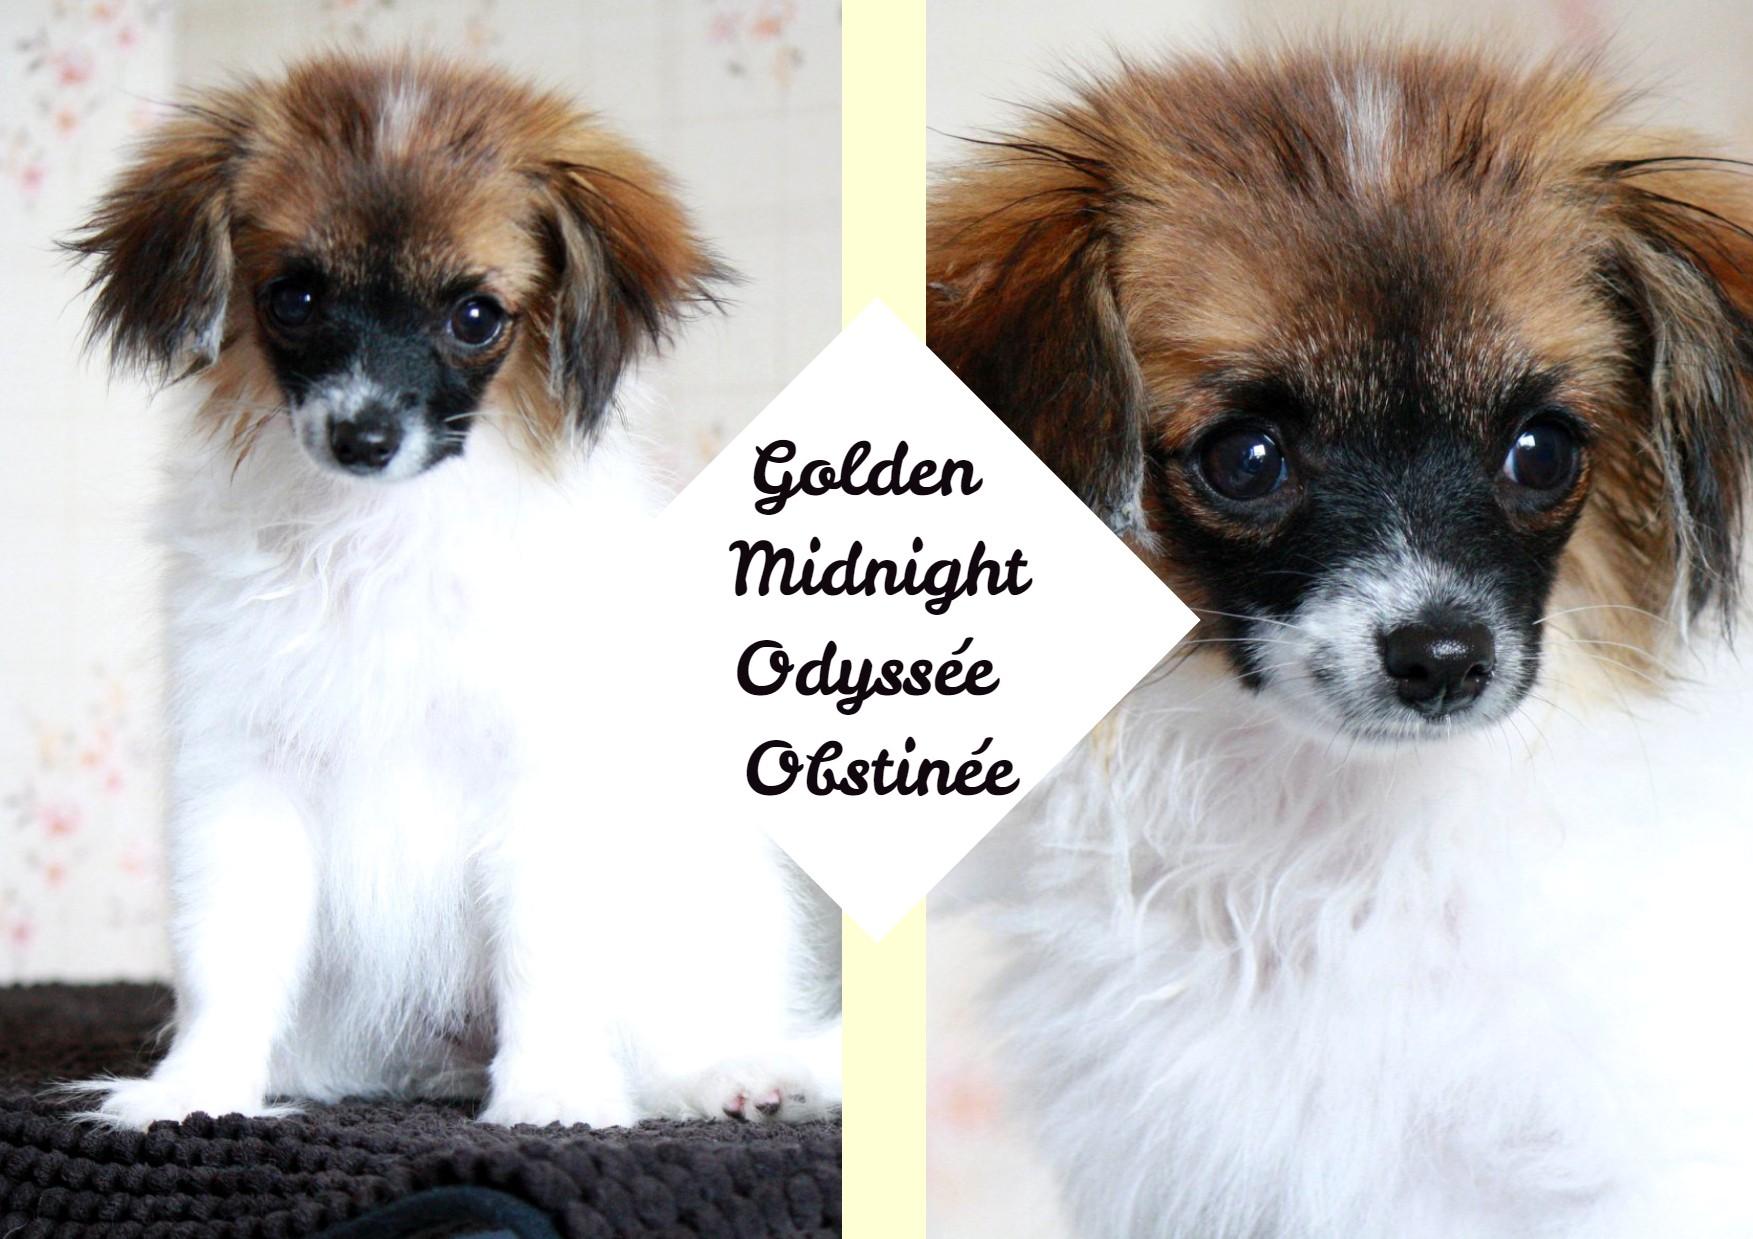 Golden Midnight Odyssée obstinée